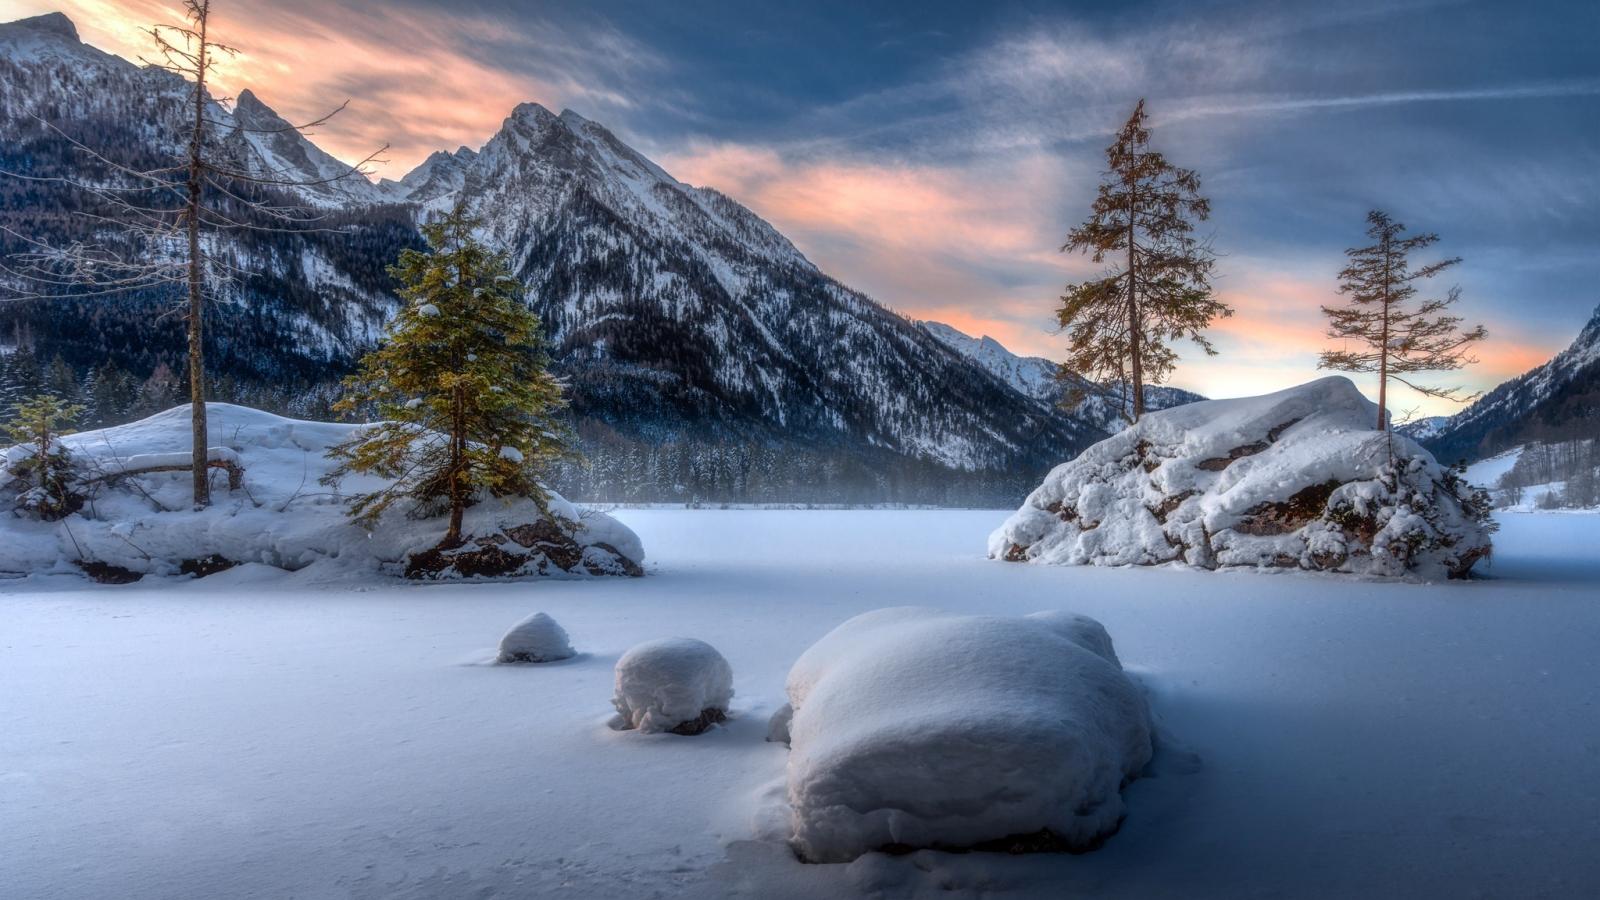 Landscape, mountains, winter, sunset, 1600x900 wallpaper